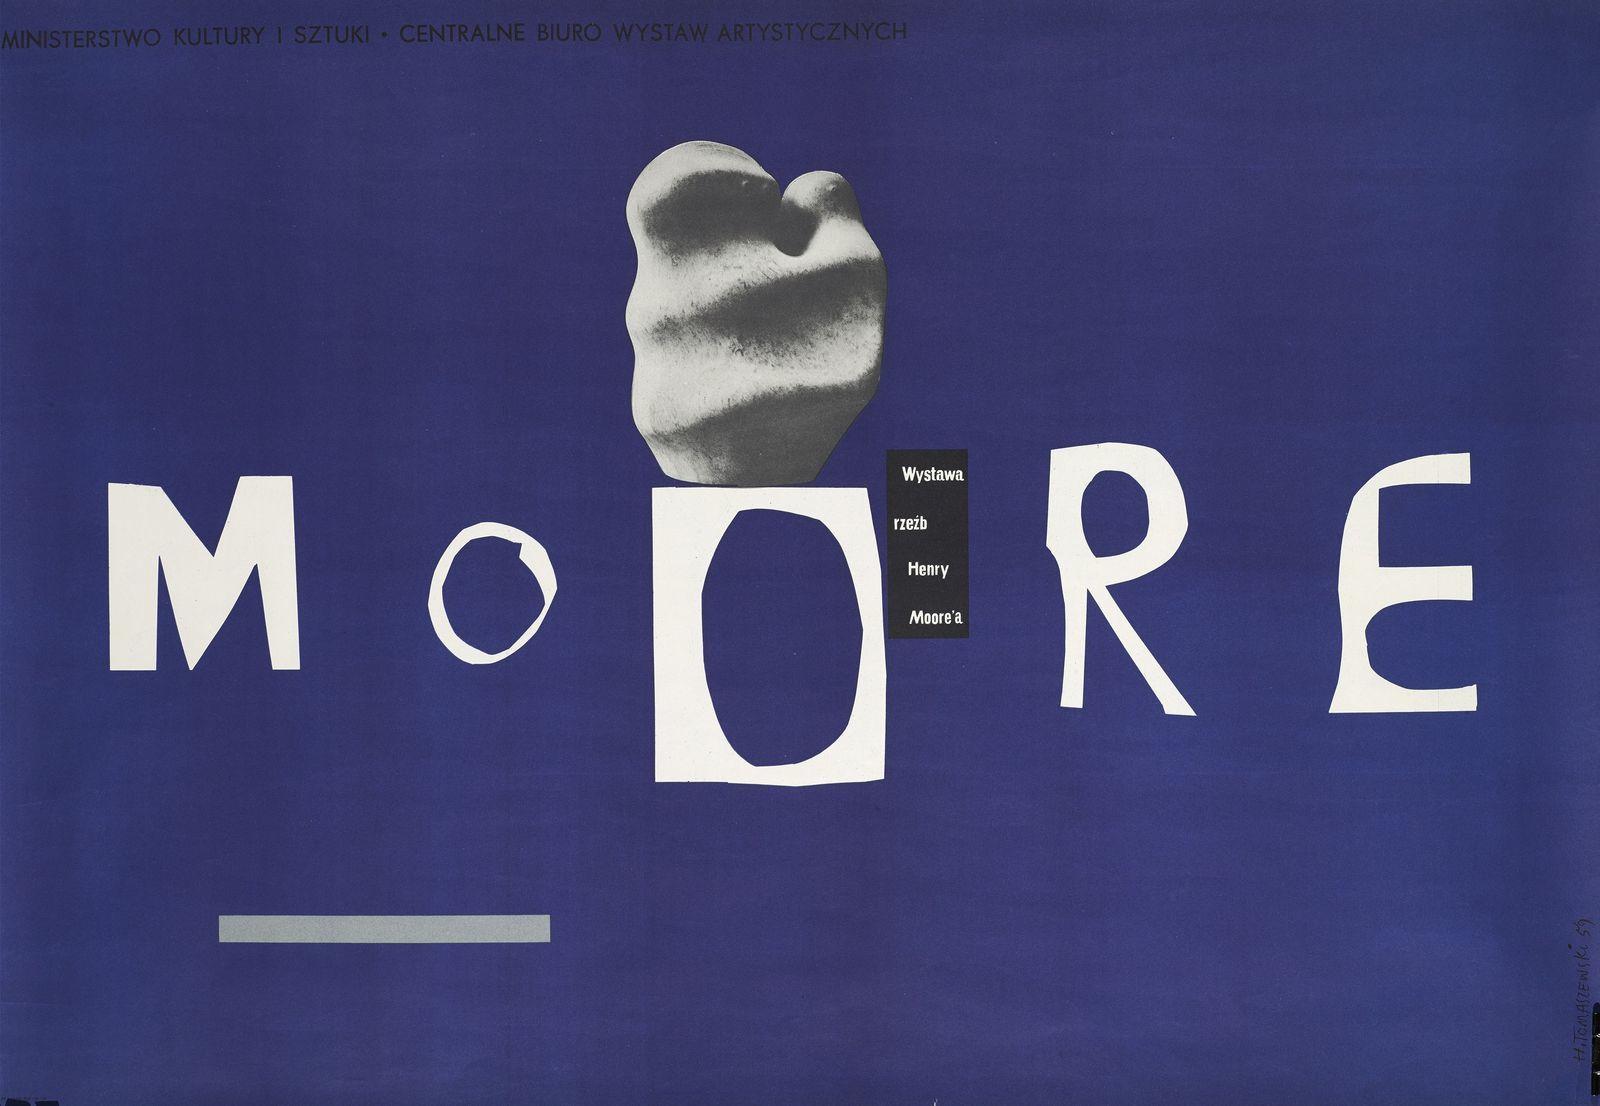 """Henryk Tomaszewski, """"Moore. Wystawa rzeźb Henry Moore'a"""", 1959, dzięki uprzejmości Filipa Pągowskiego"""